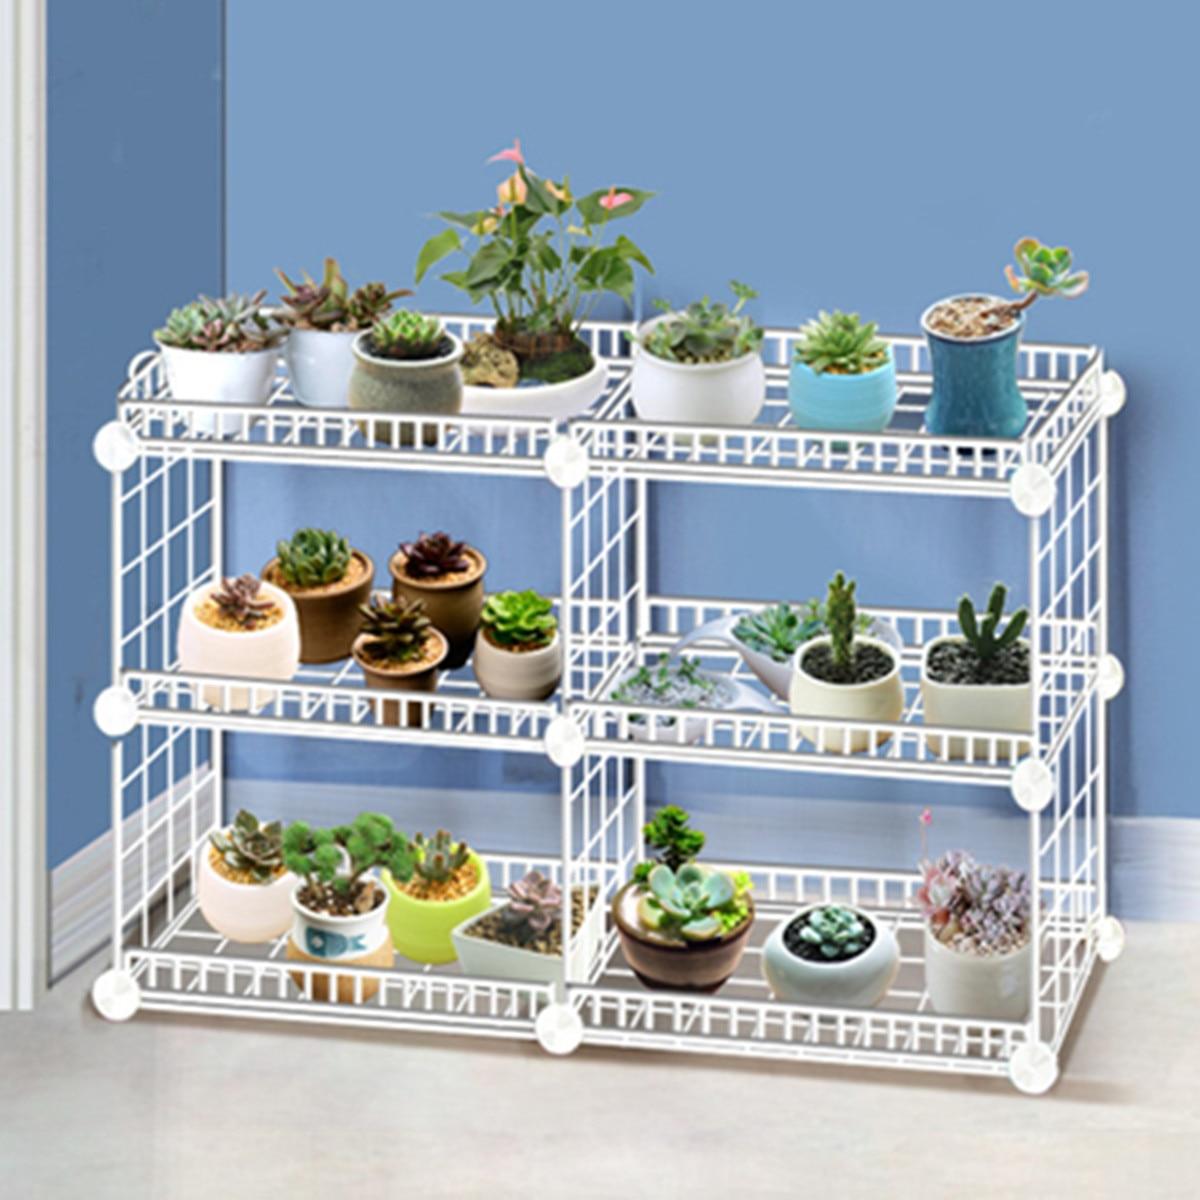 Soporte de planta multicapa de hierro forjado para el hogar con cuatro lados de cerca, estante para balcón, jardín interior, estante para maceta con flores desmontable